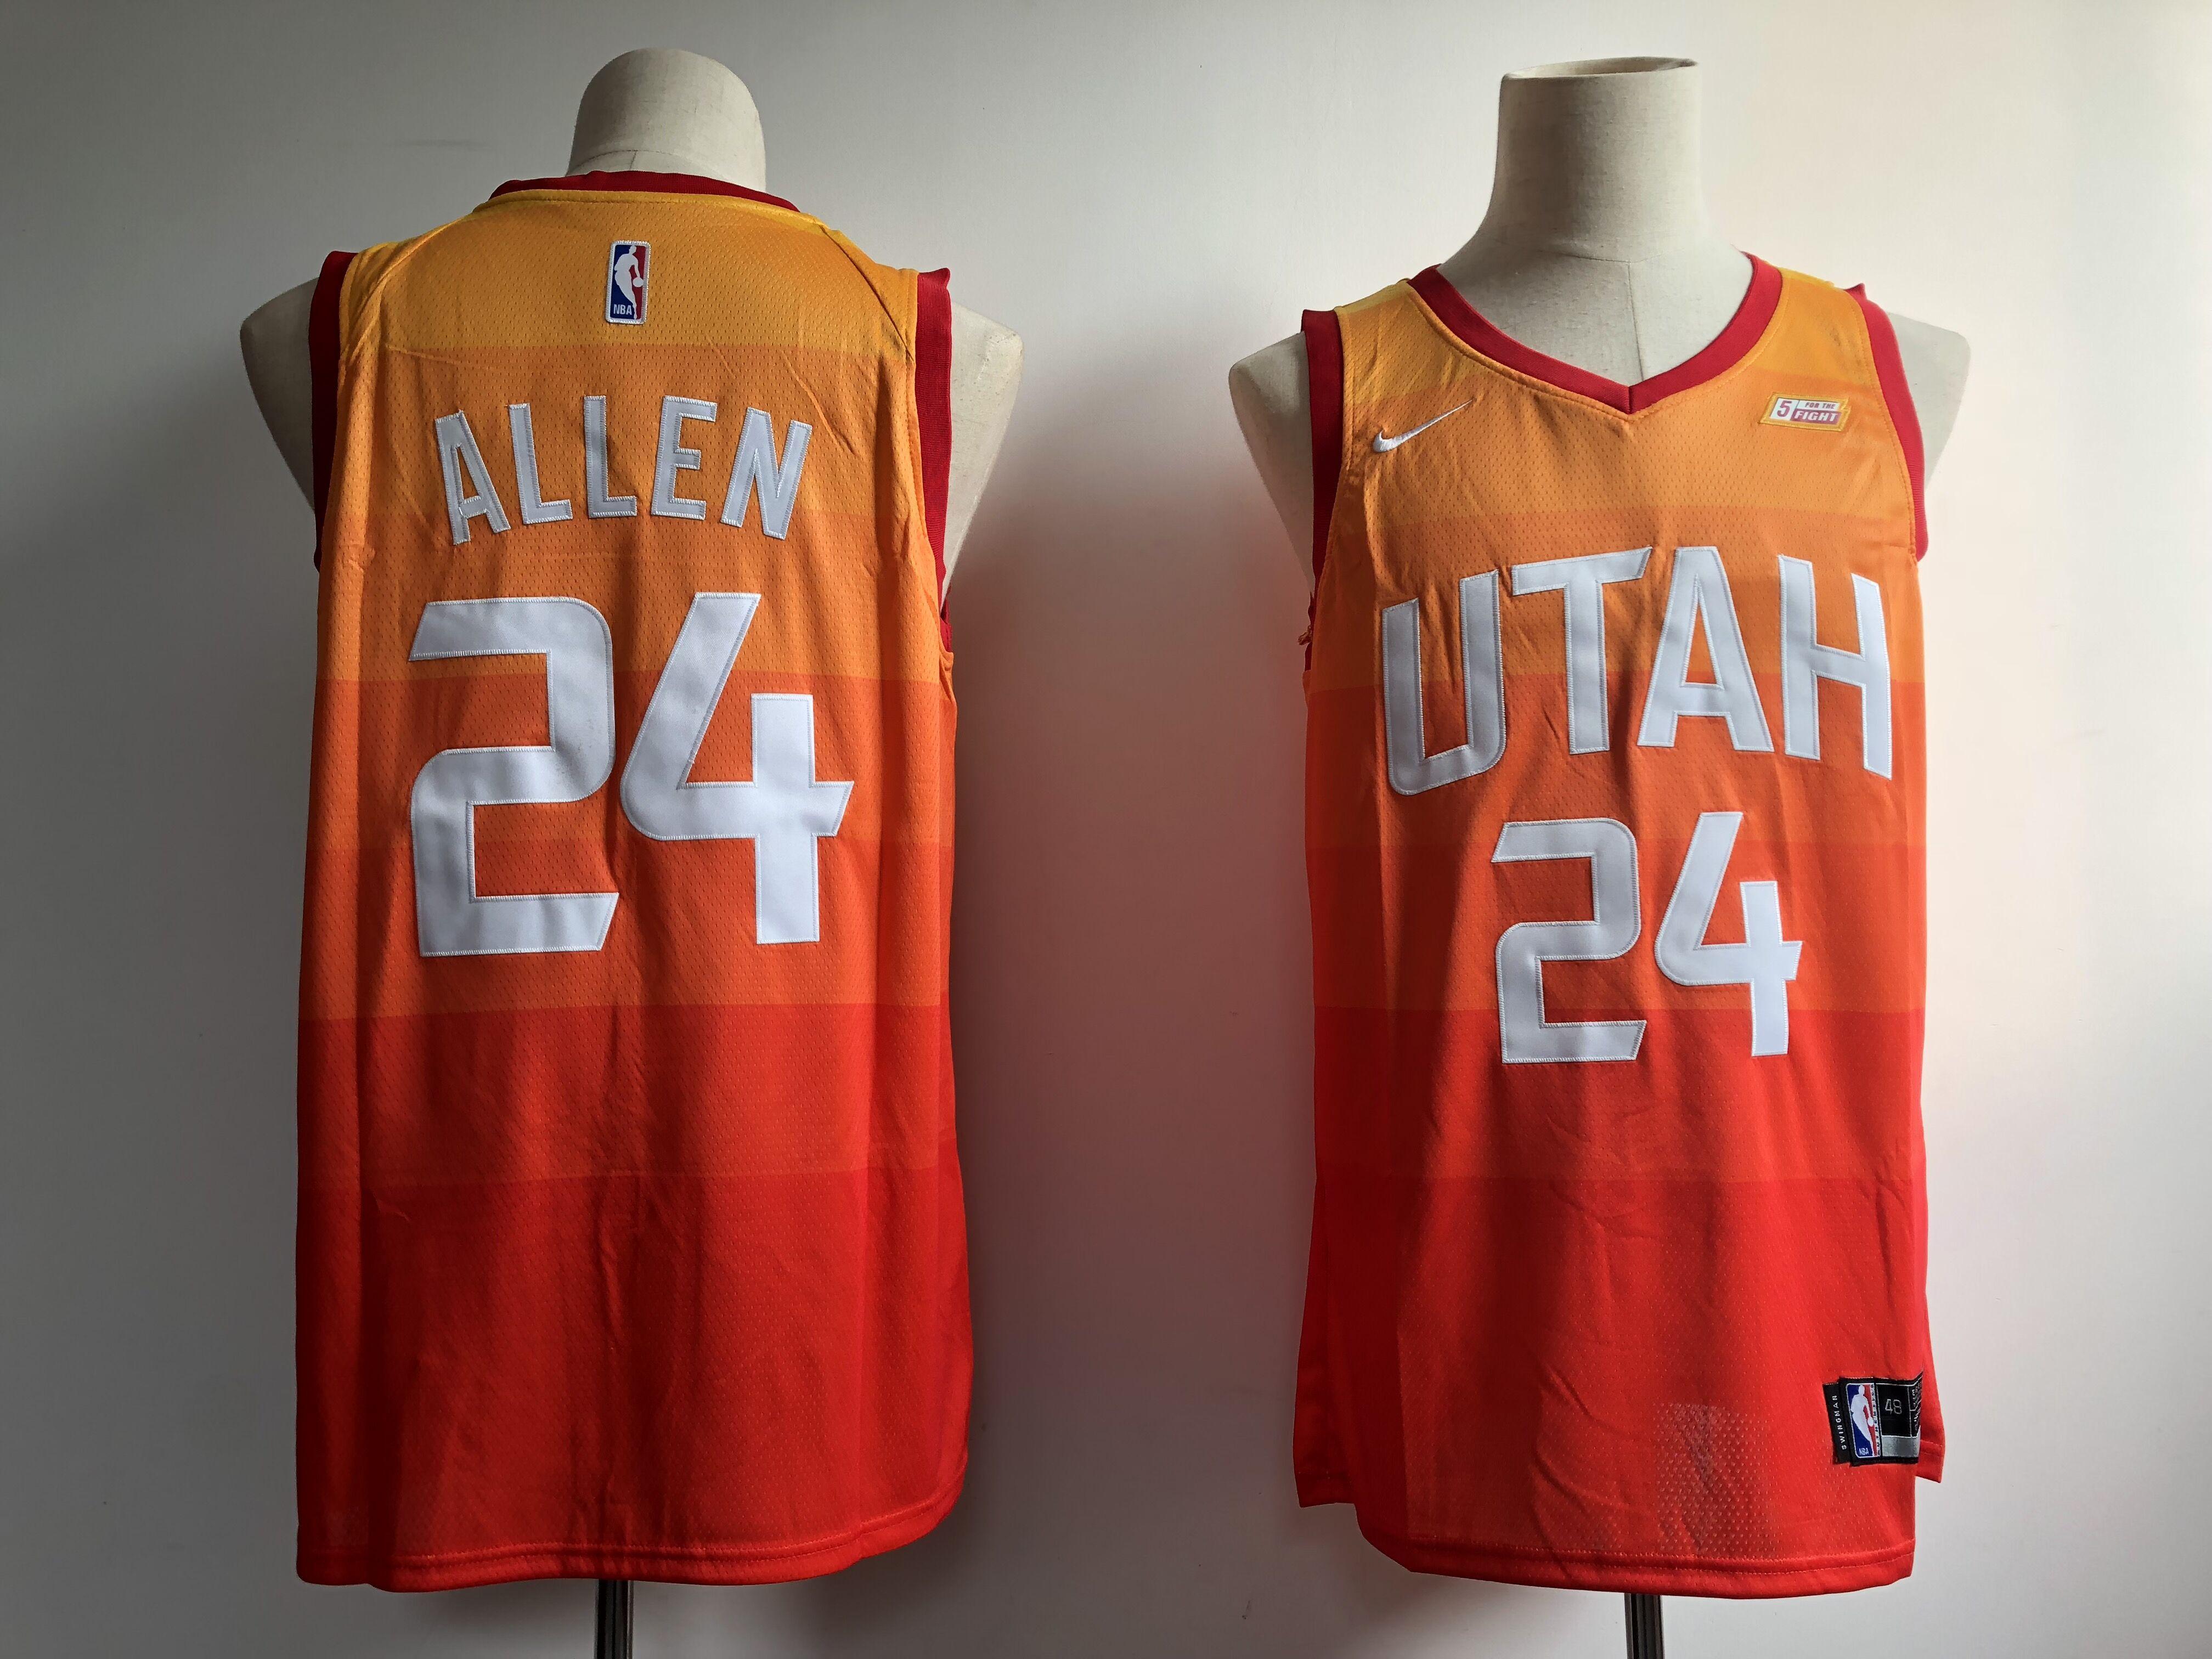 6d132d3e4820 Jazz 24 Grayson Allen Orange 2018-19 City Edition Nike Swingman Jersey